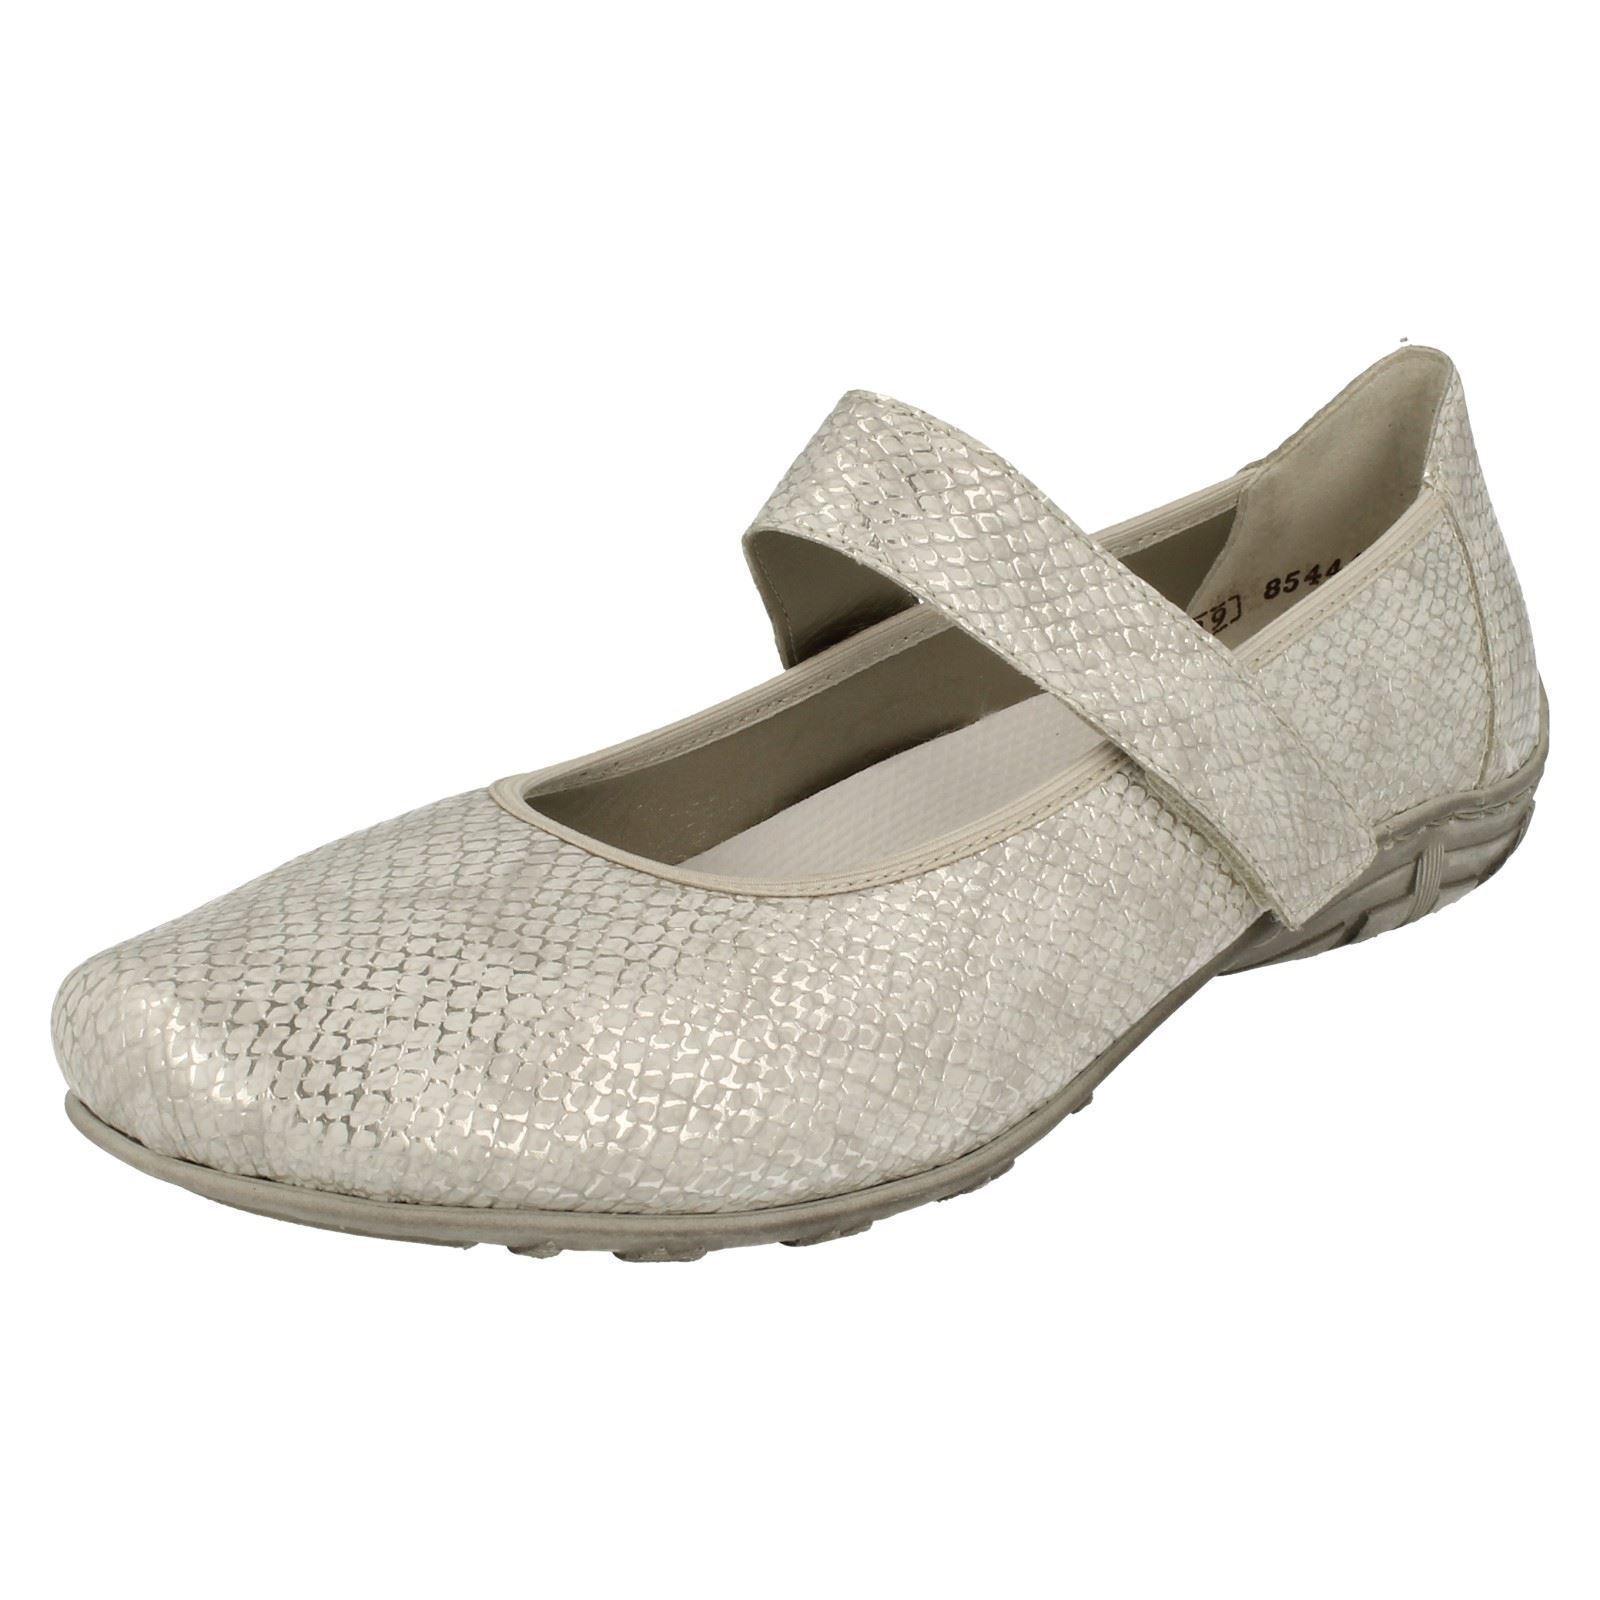 blancoo de las Señoras Señoras Señoras Zapatos Planos Plataforma Bailarina Rieker Riptape L2062  Envíos y devoluciones gratis.